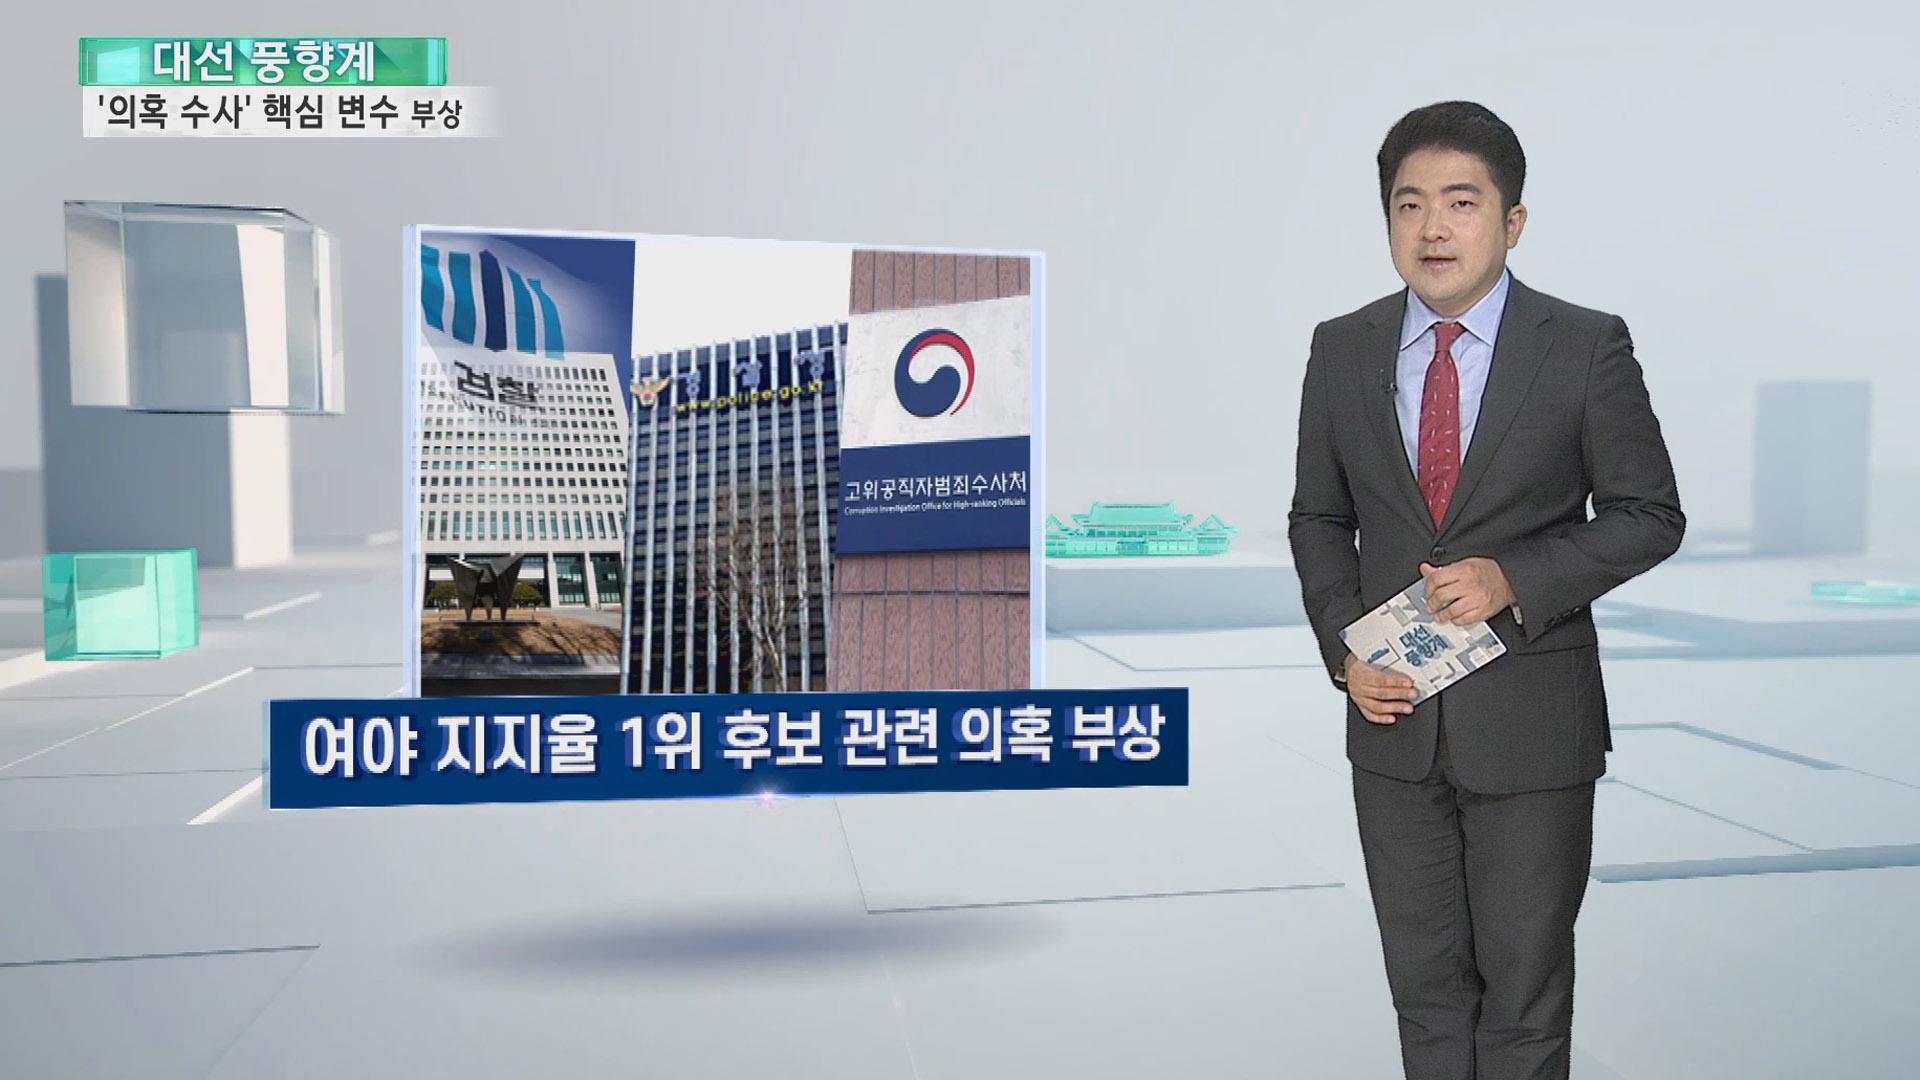 [대선풍향계] 대선 핵심변수로 떠오른 '의혹 수사'…안갯속 정국